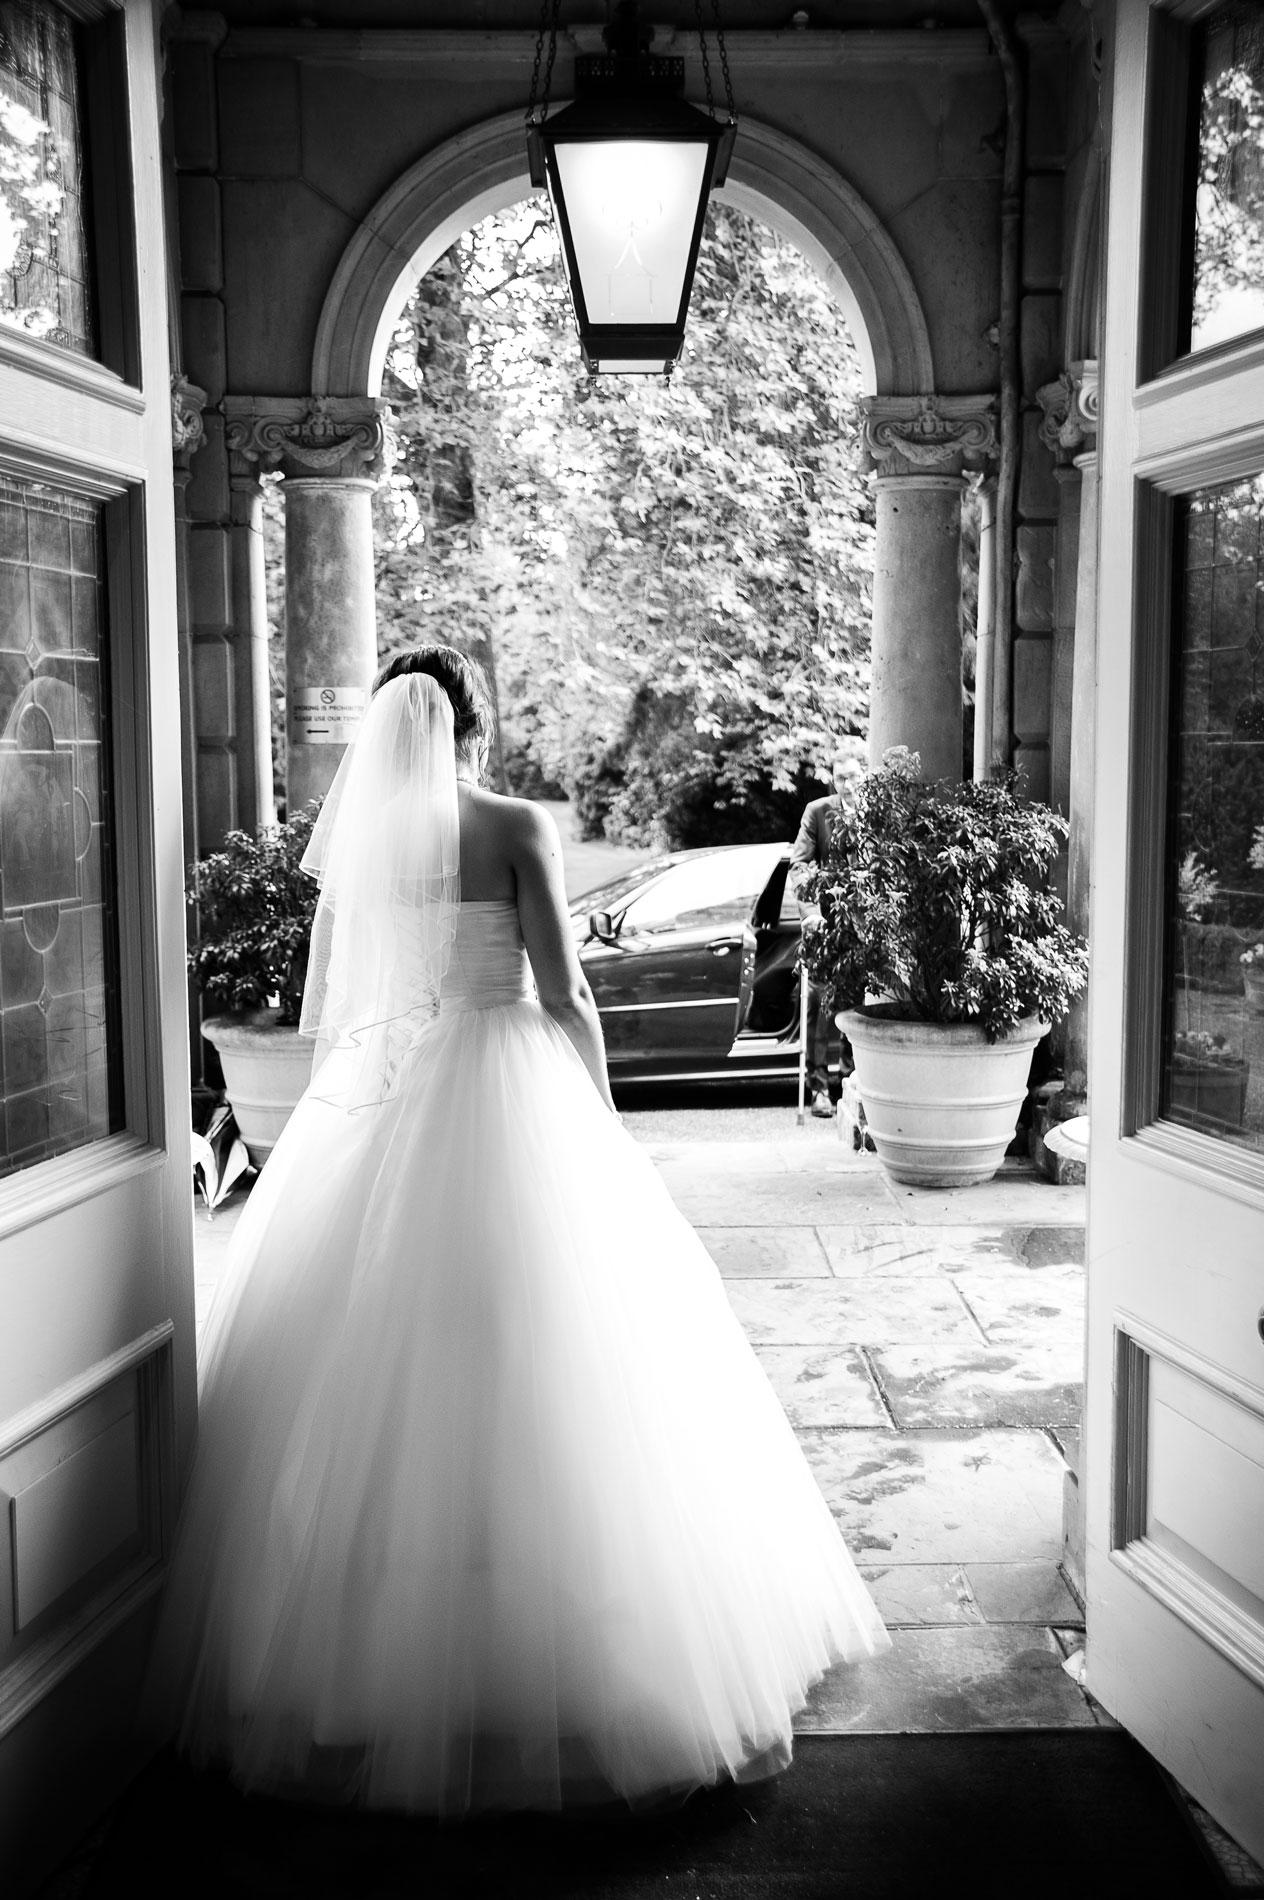 Kilworth-weddings-_74.jpg